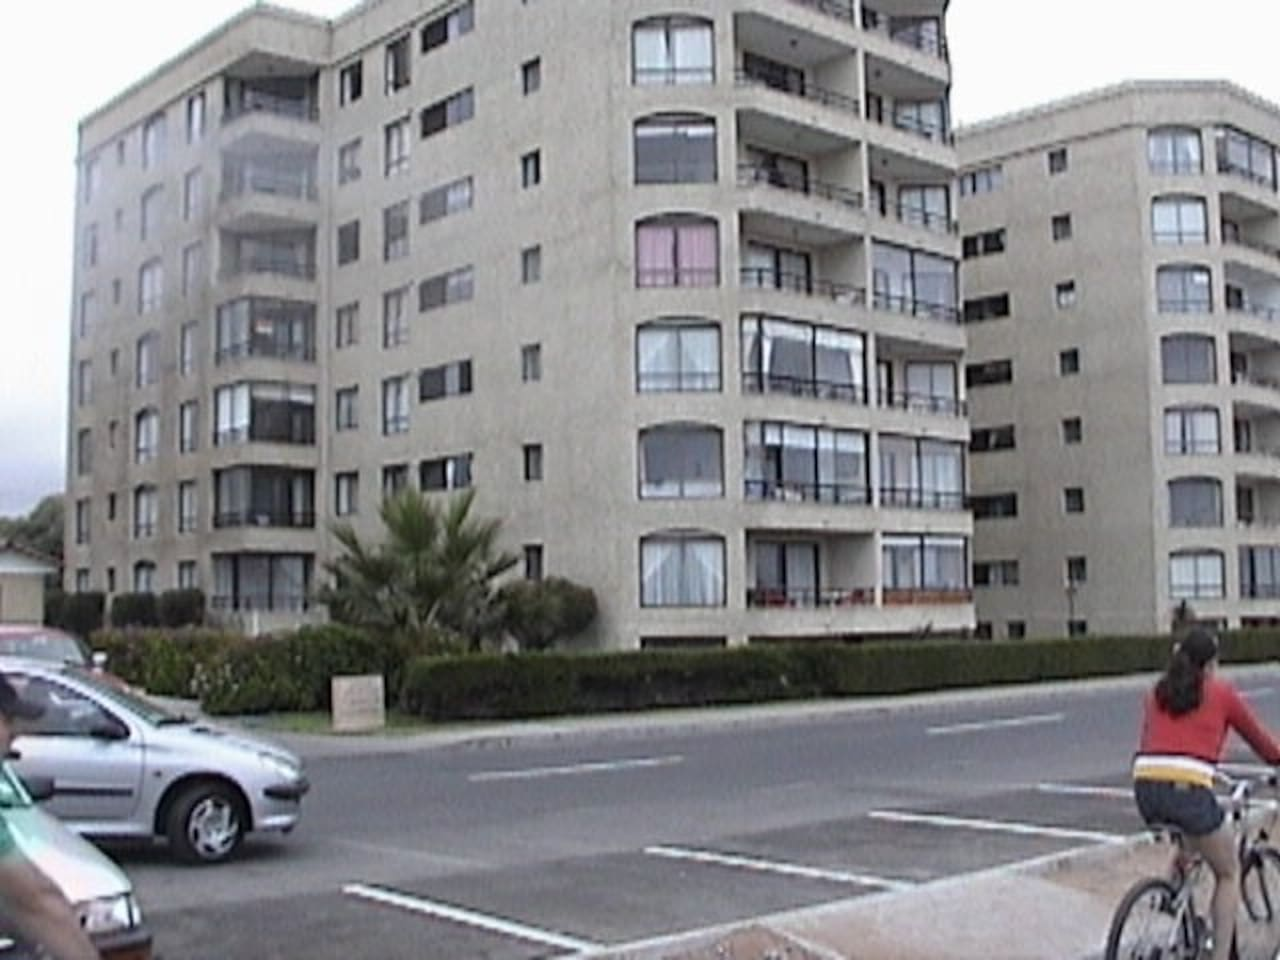 Edificio sólido, tranquilo, guardias 24 horas, frente al mar, cercano a calle cuatro esquinas y restaurantes. Departamento amplio aprox. 90mts. cuadrados.